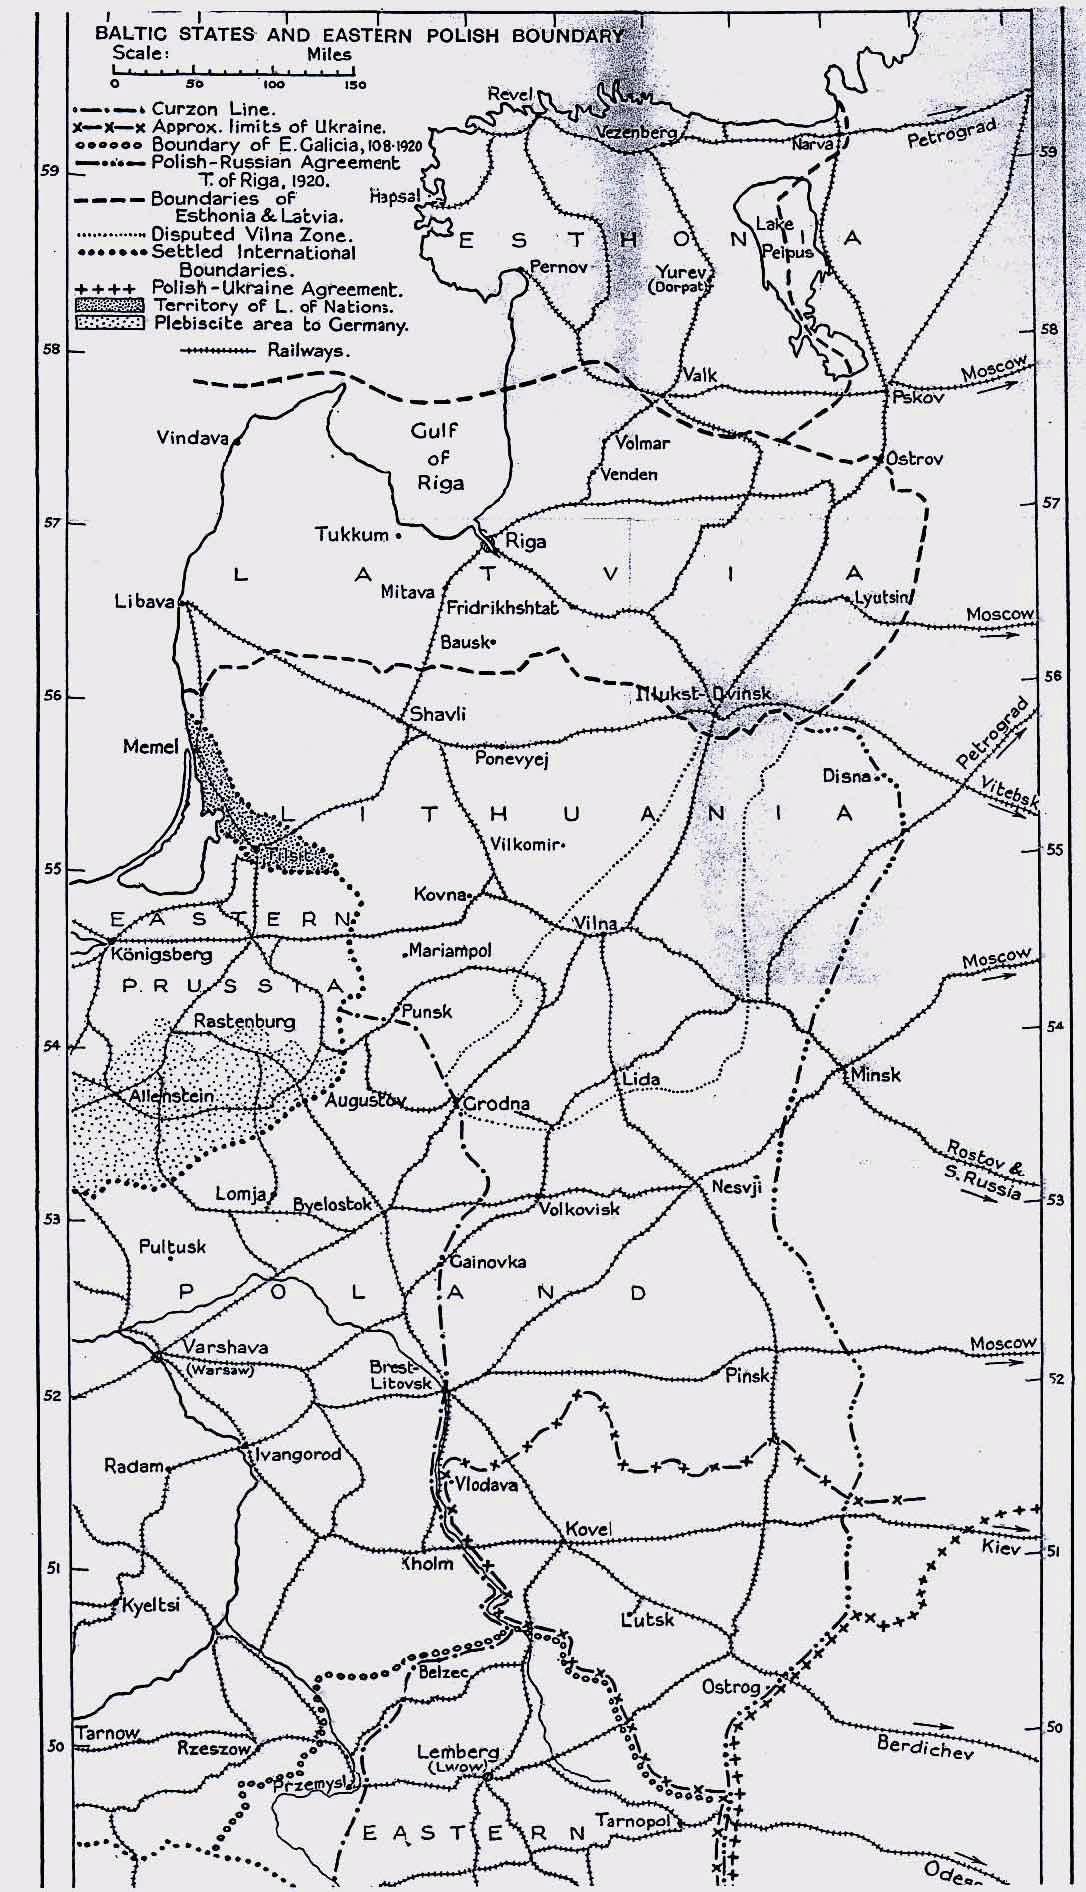 Prima Guerra Mondiale - Polonia e stati baltici, mappa 1919-1920